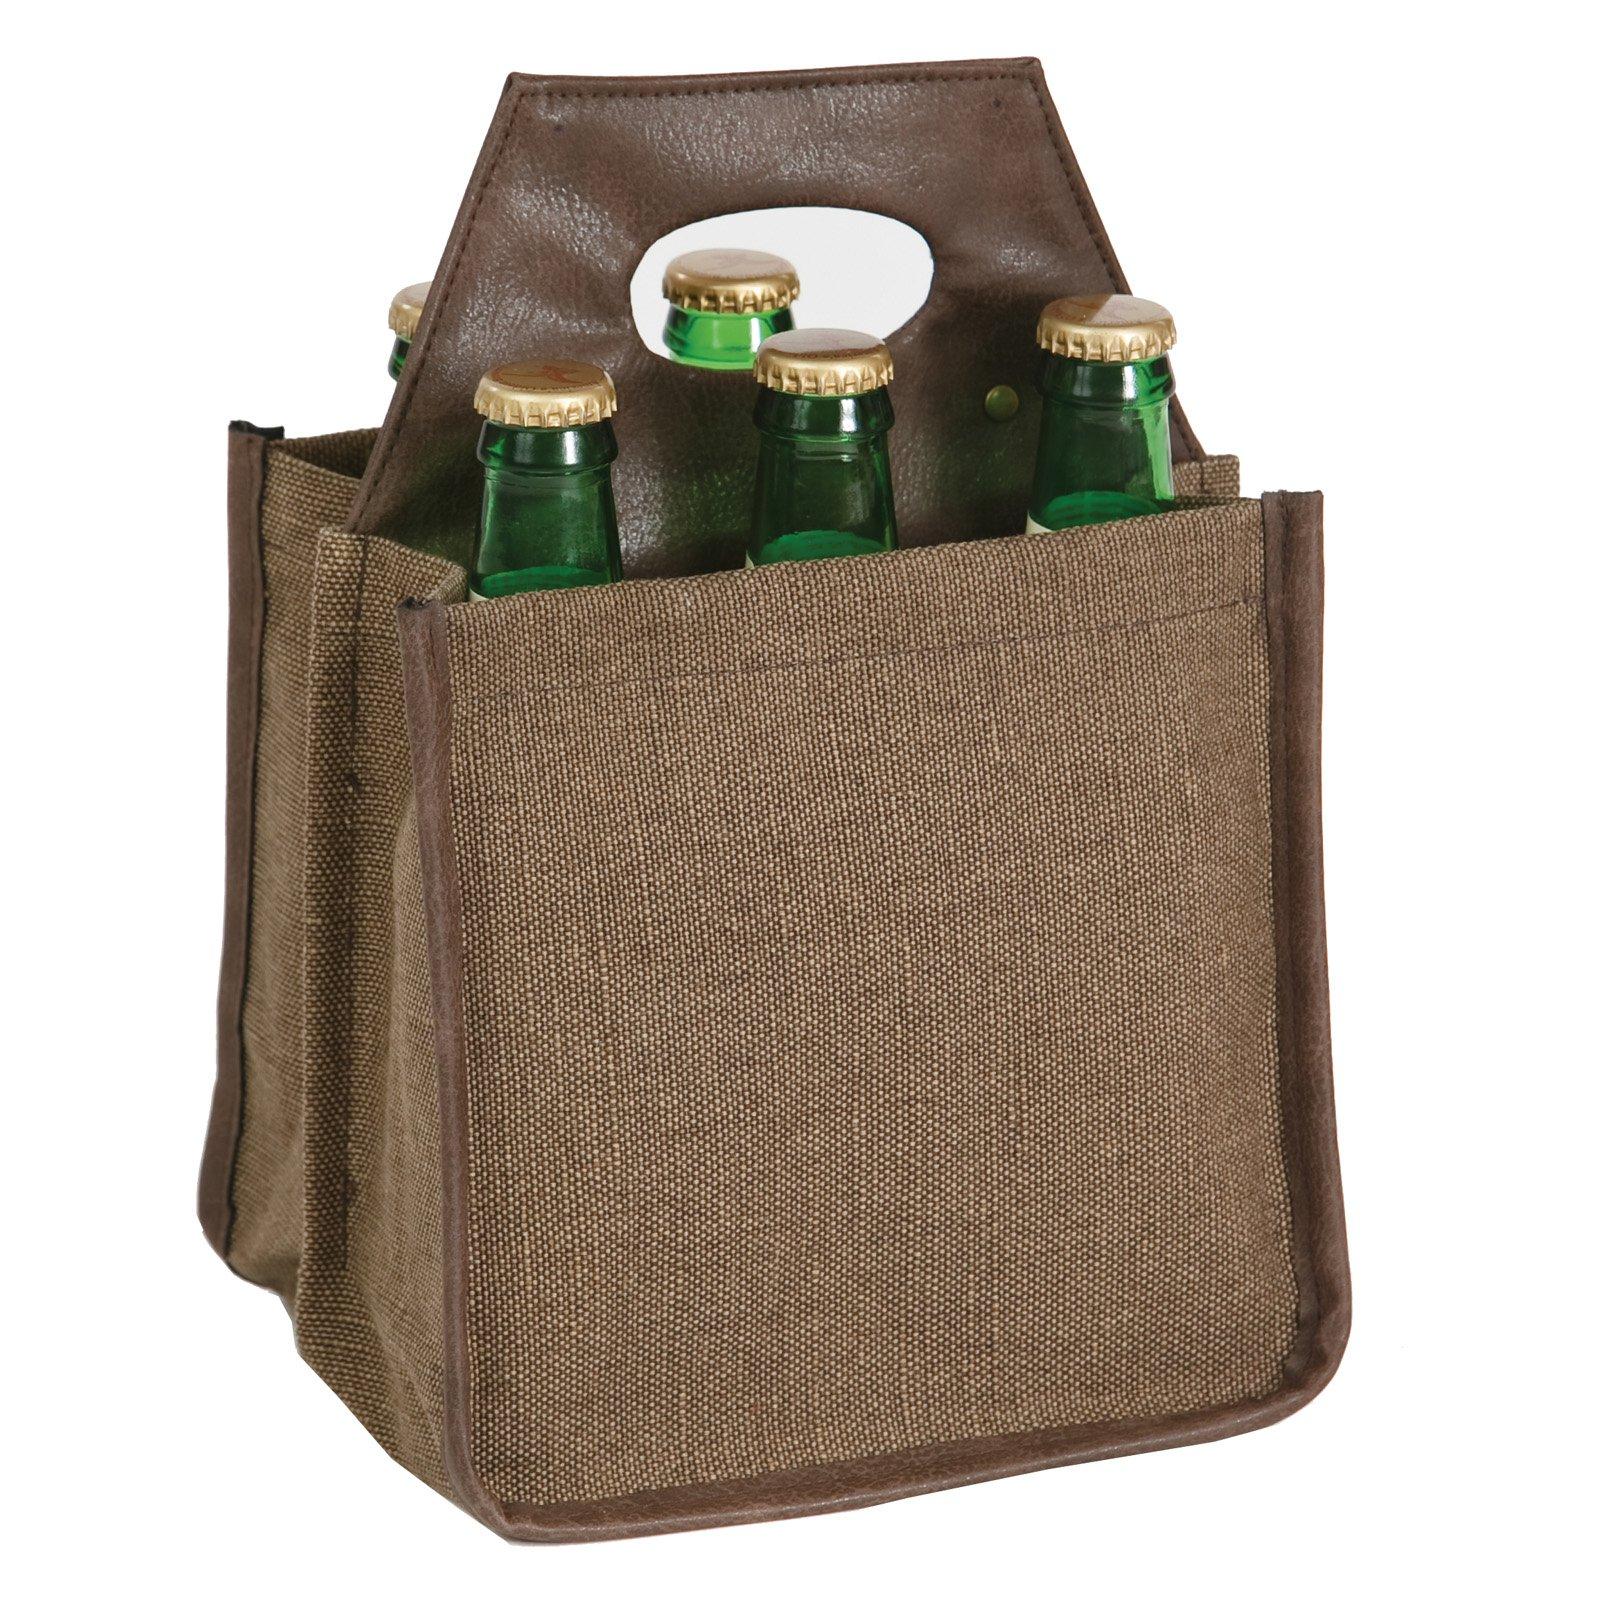 Picnic Plus - Picnic Plus Six Pack Bottle Carrier - Walmart.com - Walmart.com